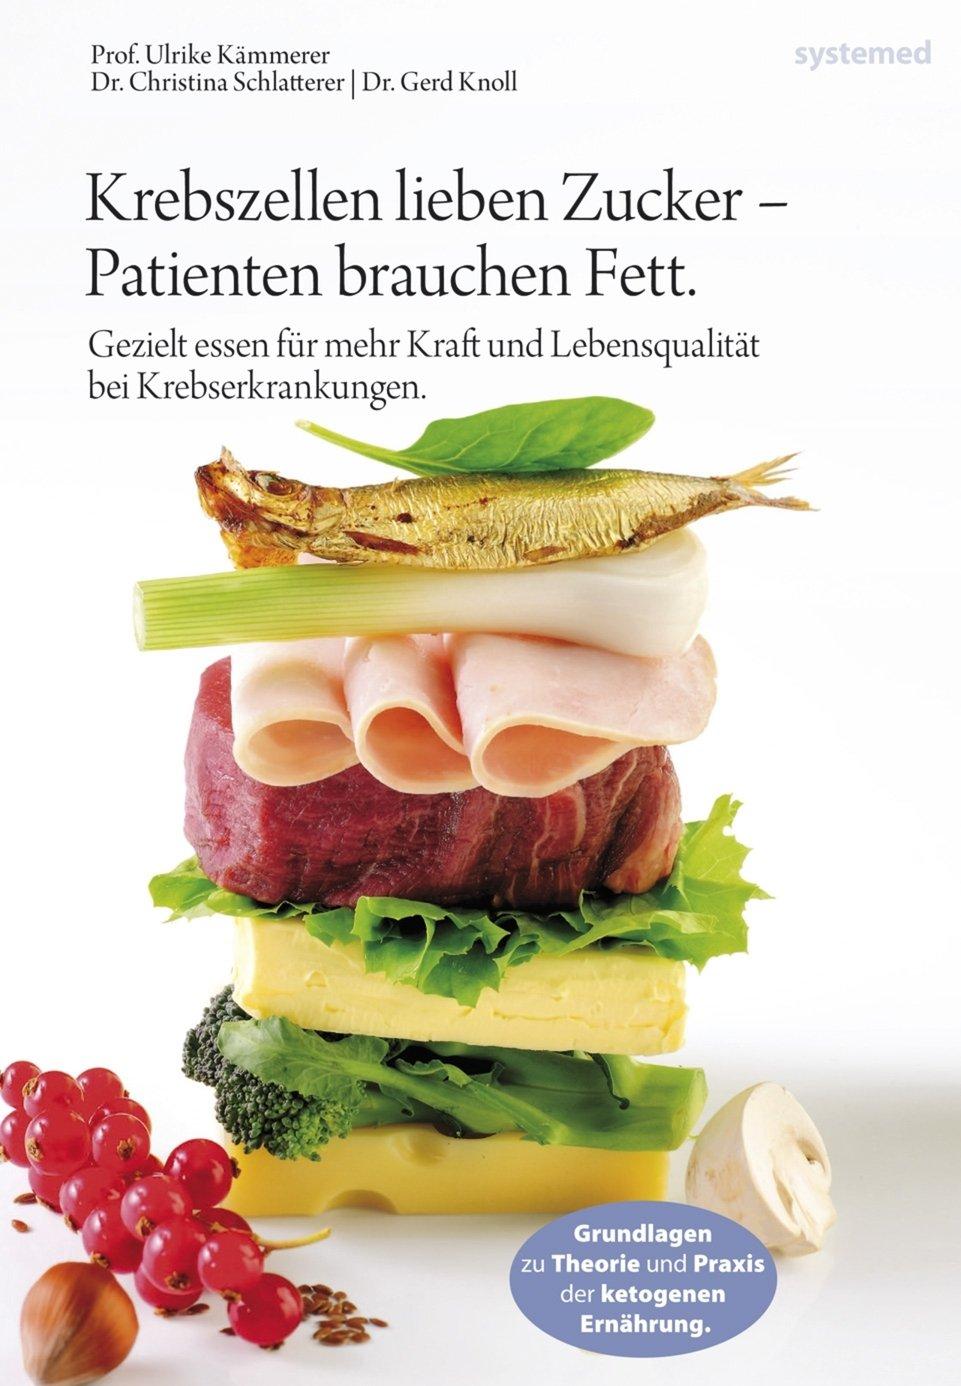 Buch: Krebszellen lieben Zucker - Patienten brauchen Fett